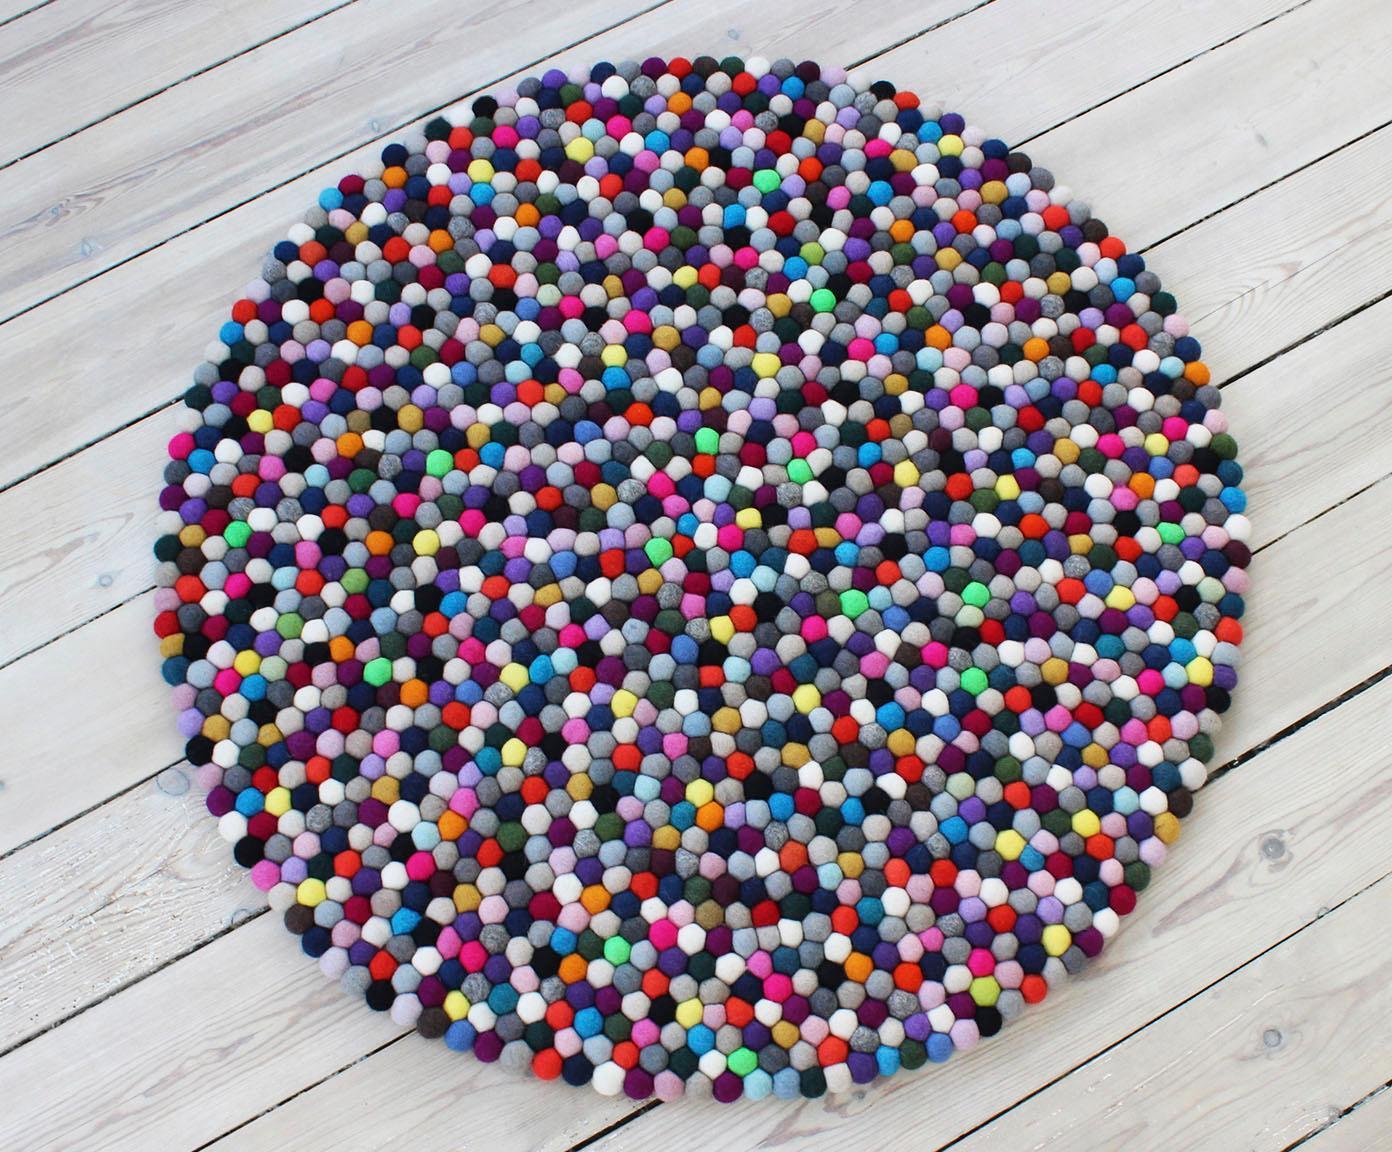 Wollteppich Mixed Color Wooldot rund Höhe 23 mm handgetuftet